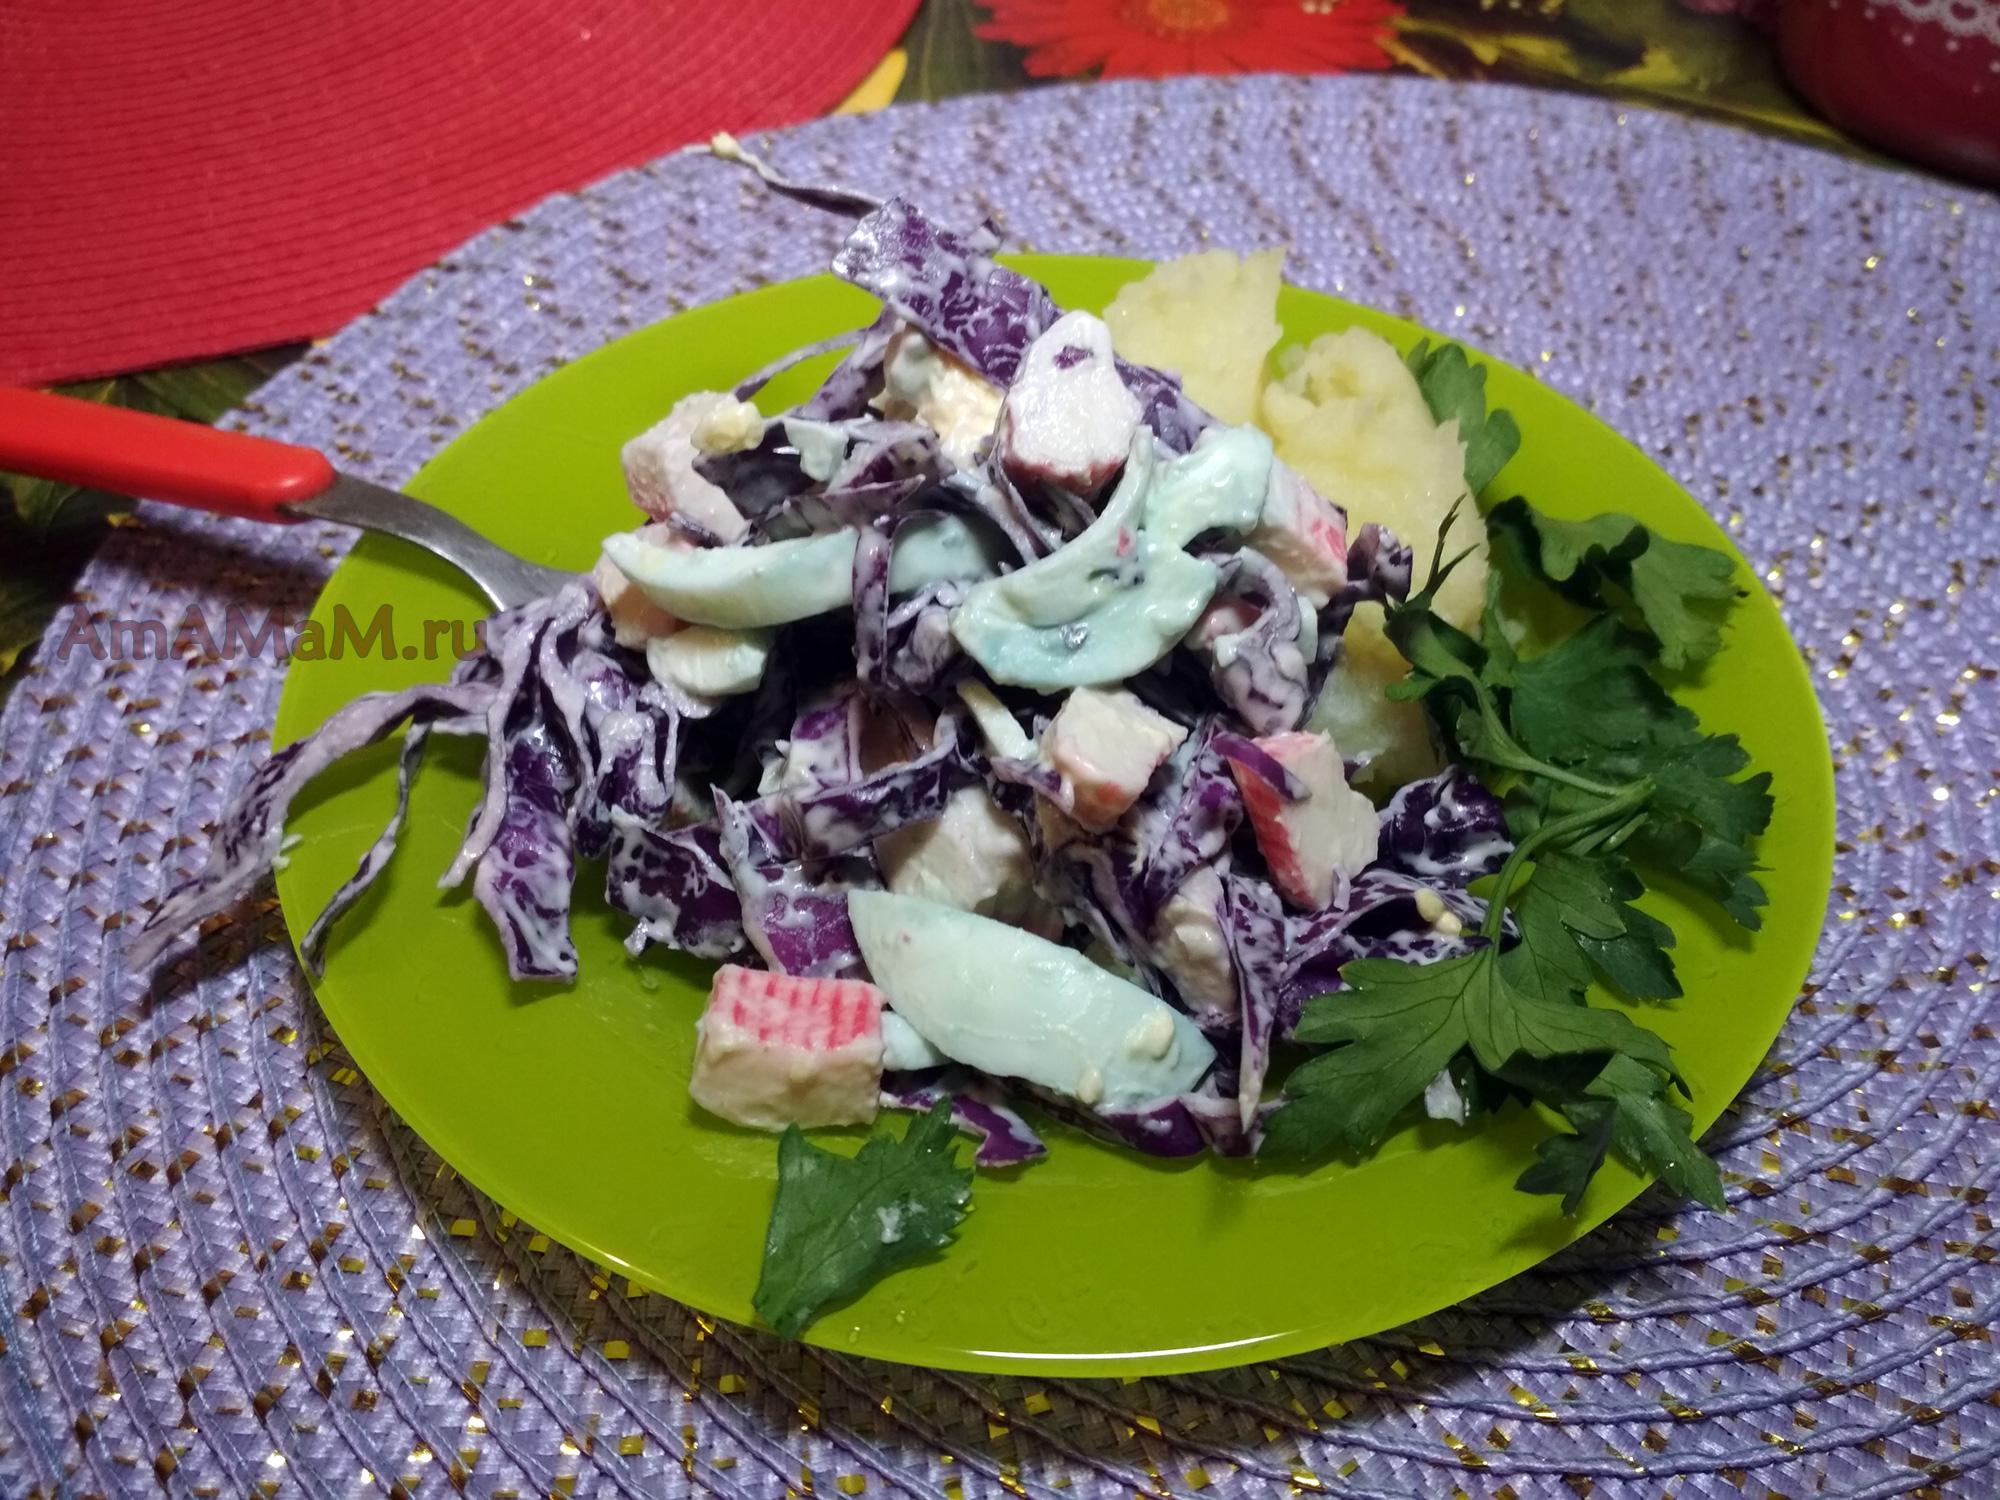 Салат с красной капустой и крабовыми палочками